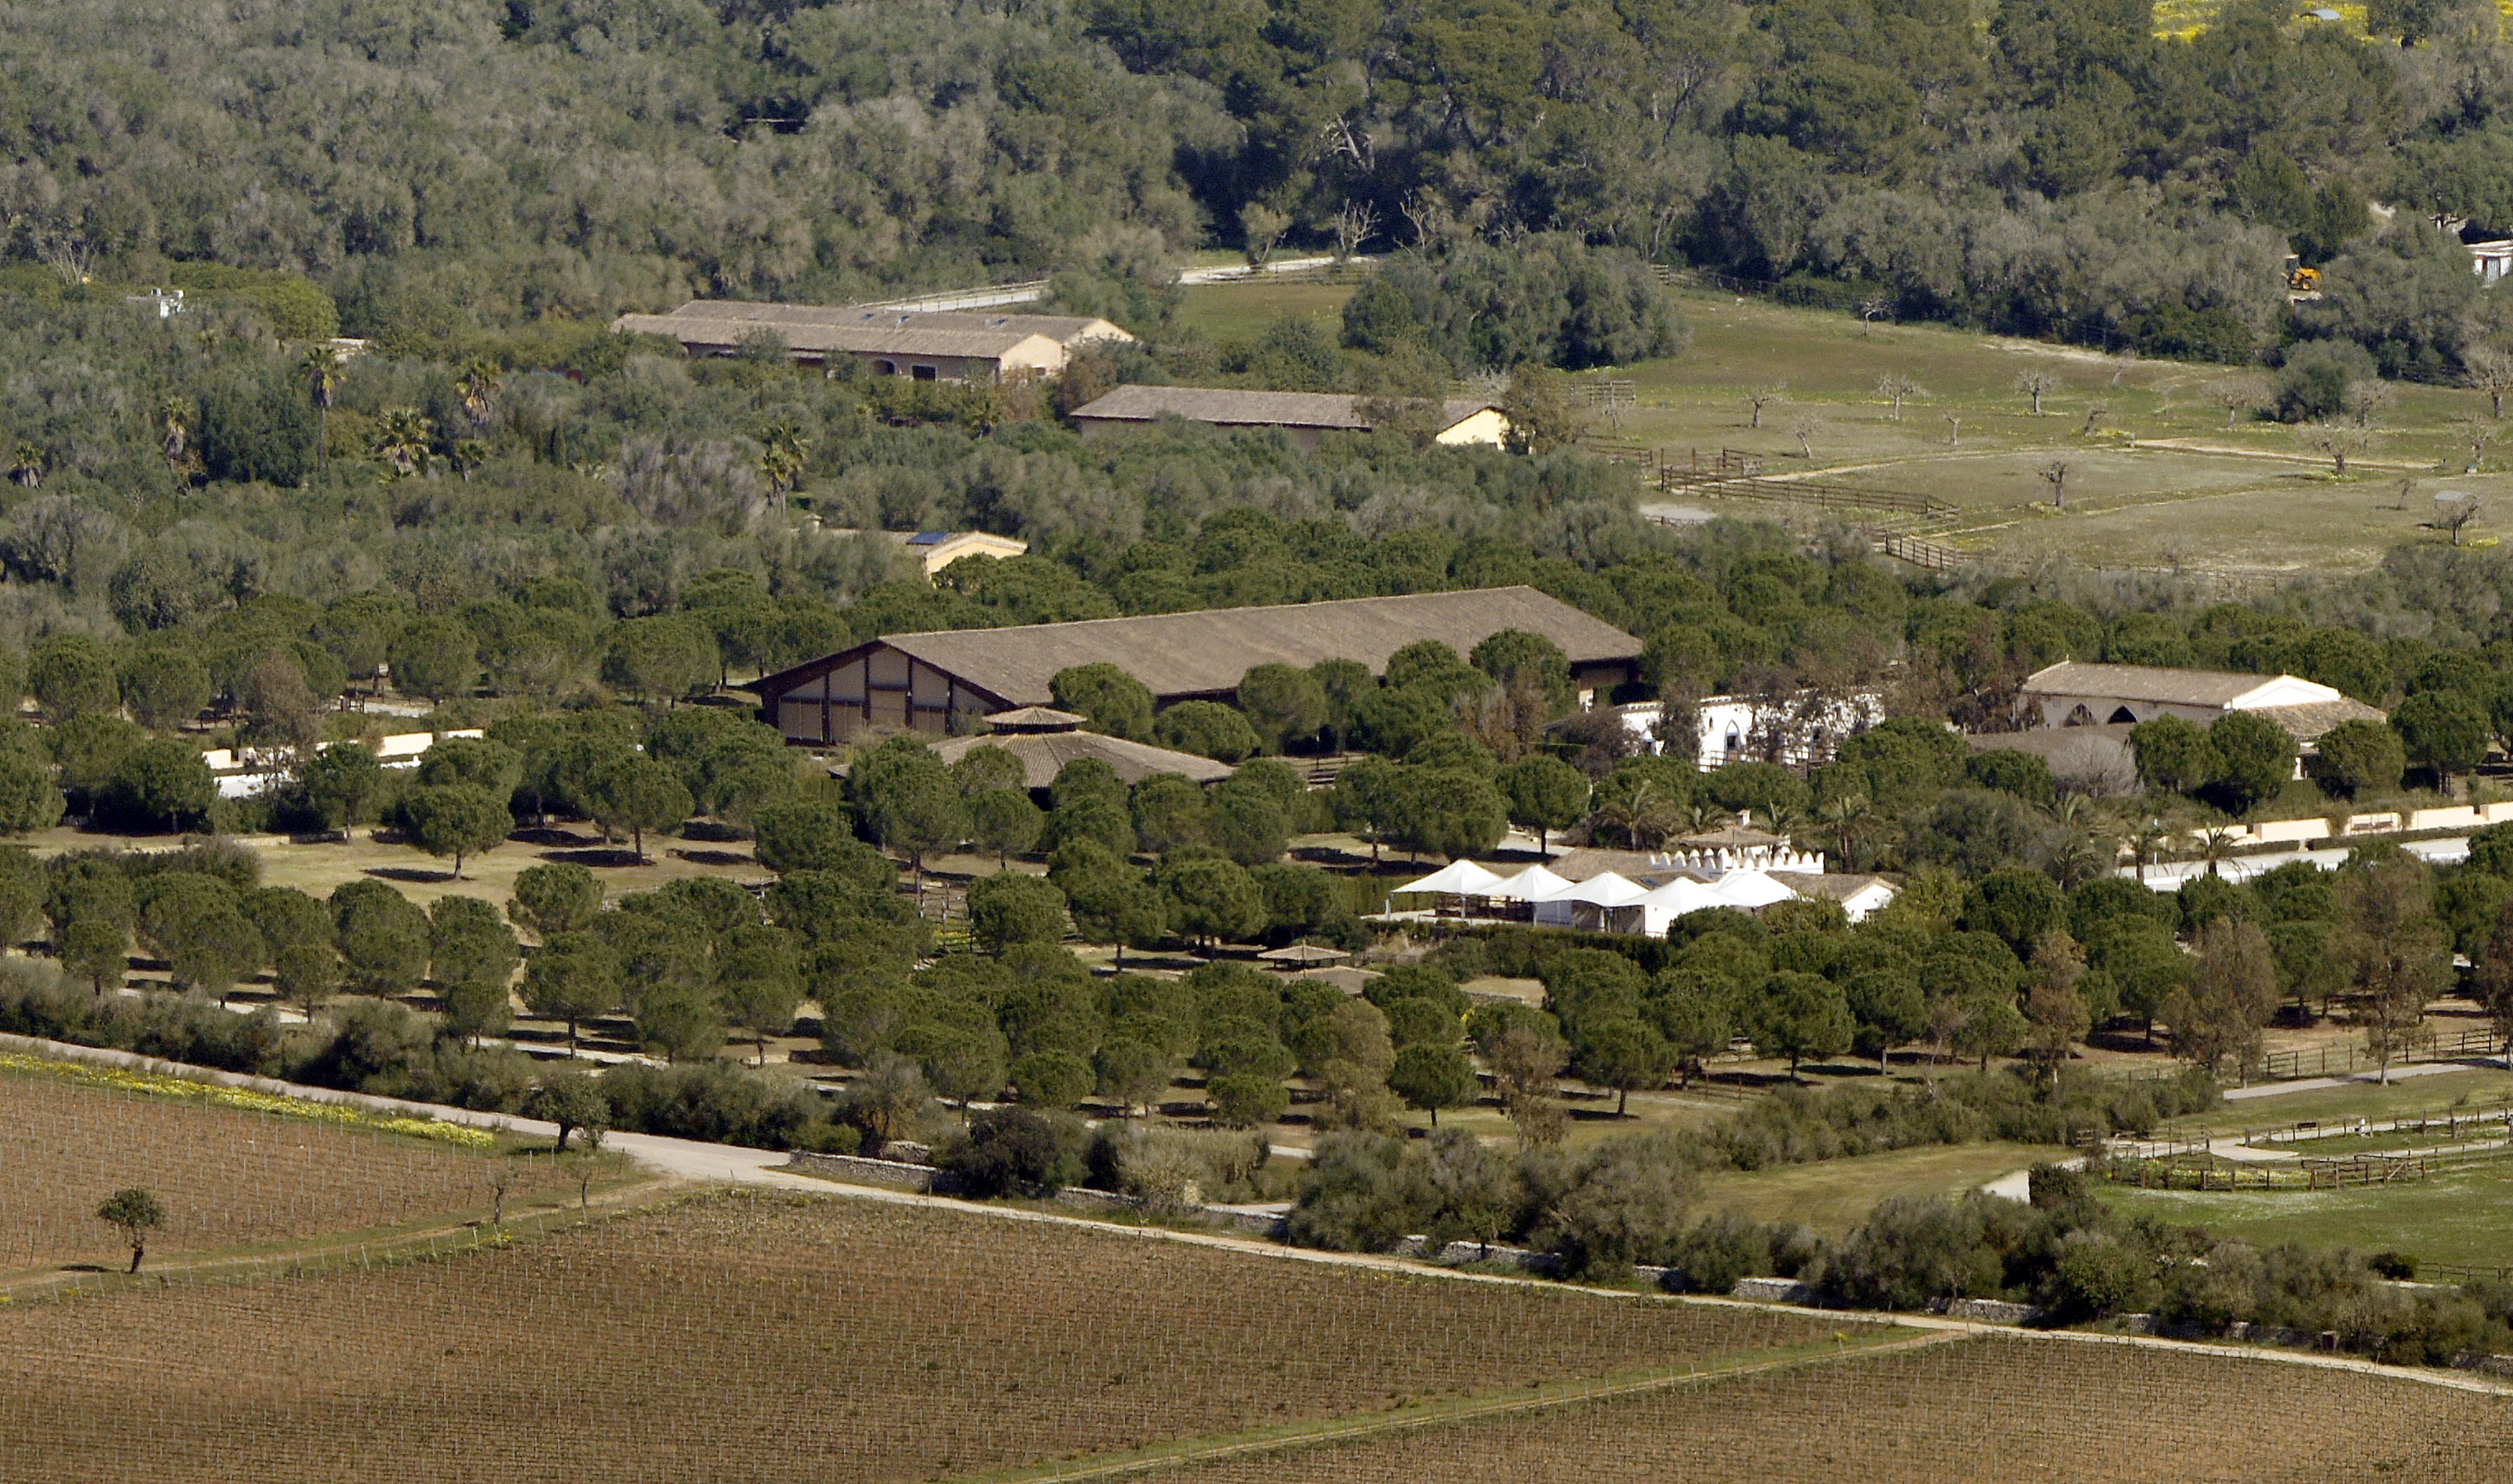 Eisenmann compró la finca en 2002 por 13,8 millones